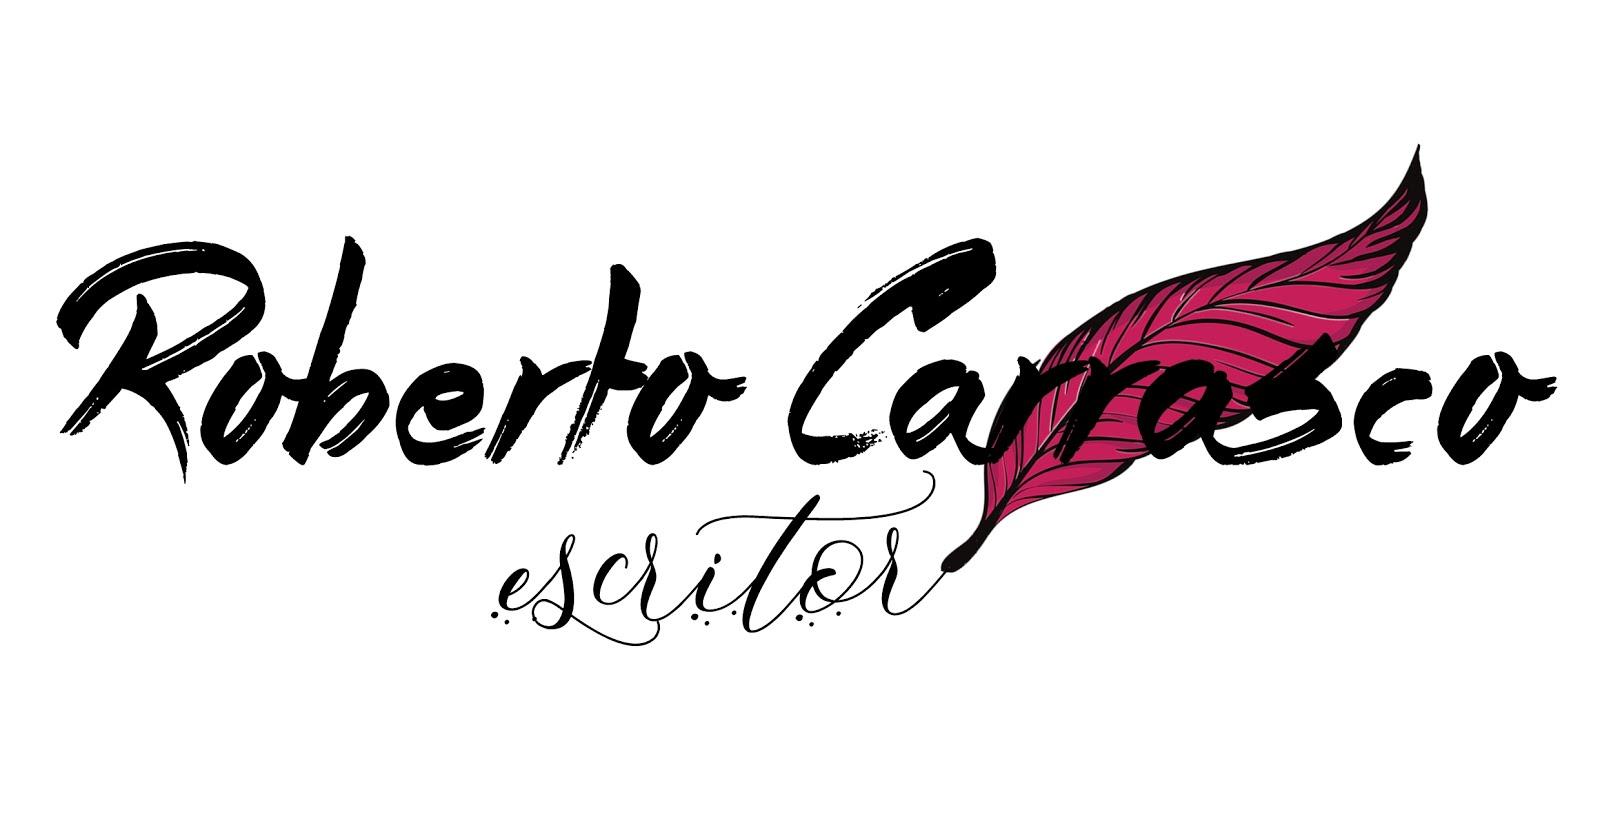 Roberto Carrasco #escritor